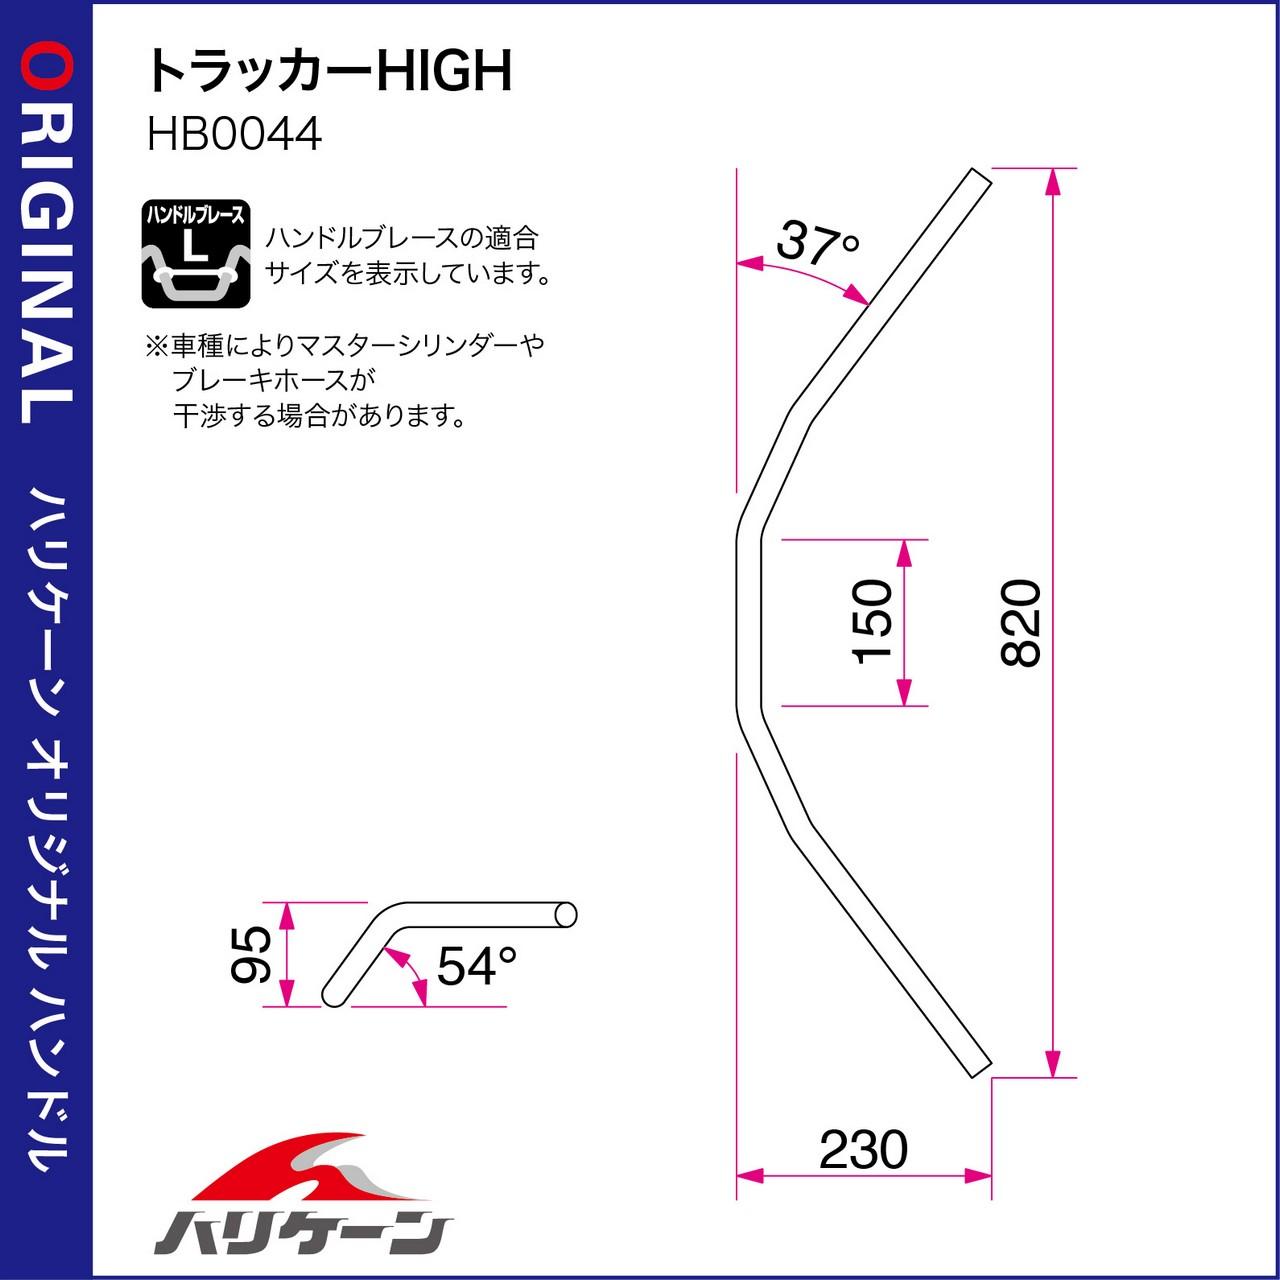 【HURRICANE】Trucker high套件專用 - 「Webike-摩托百貨」